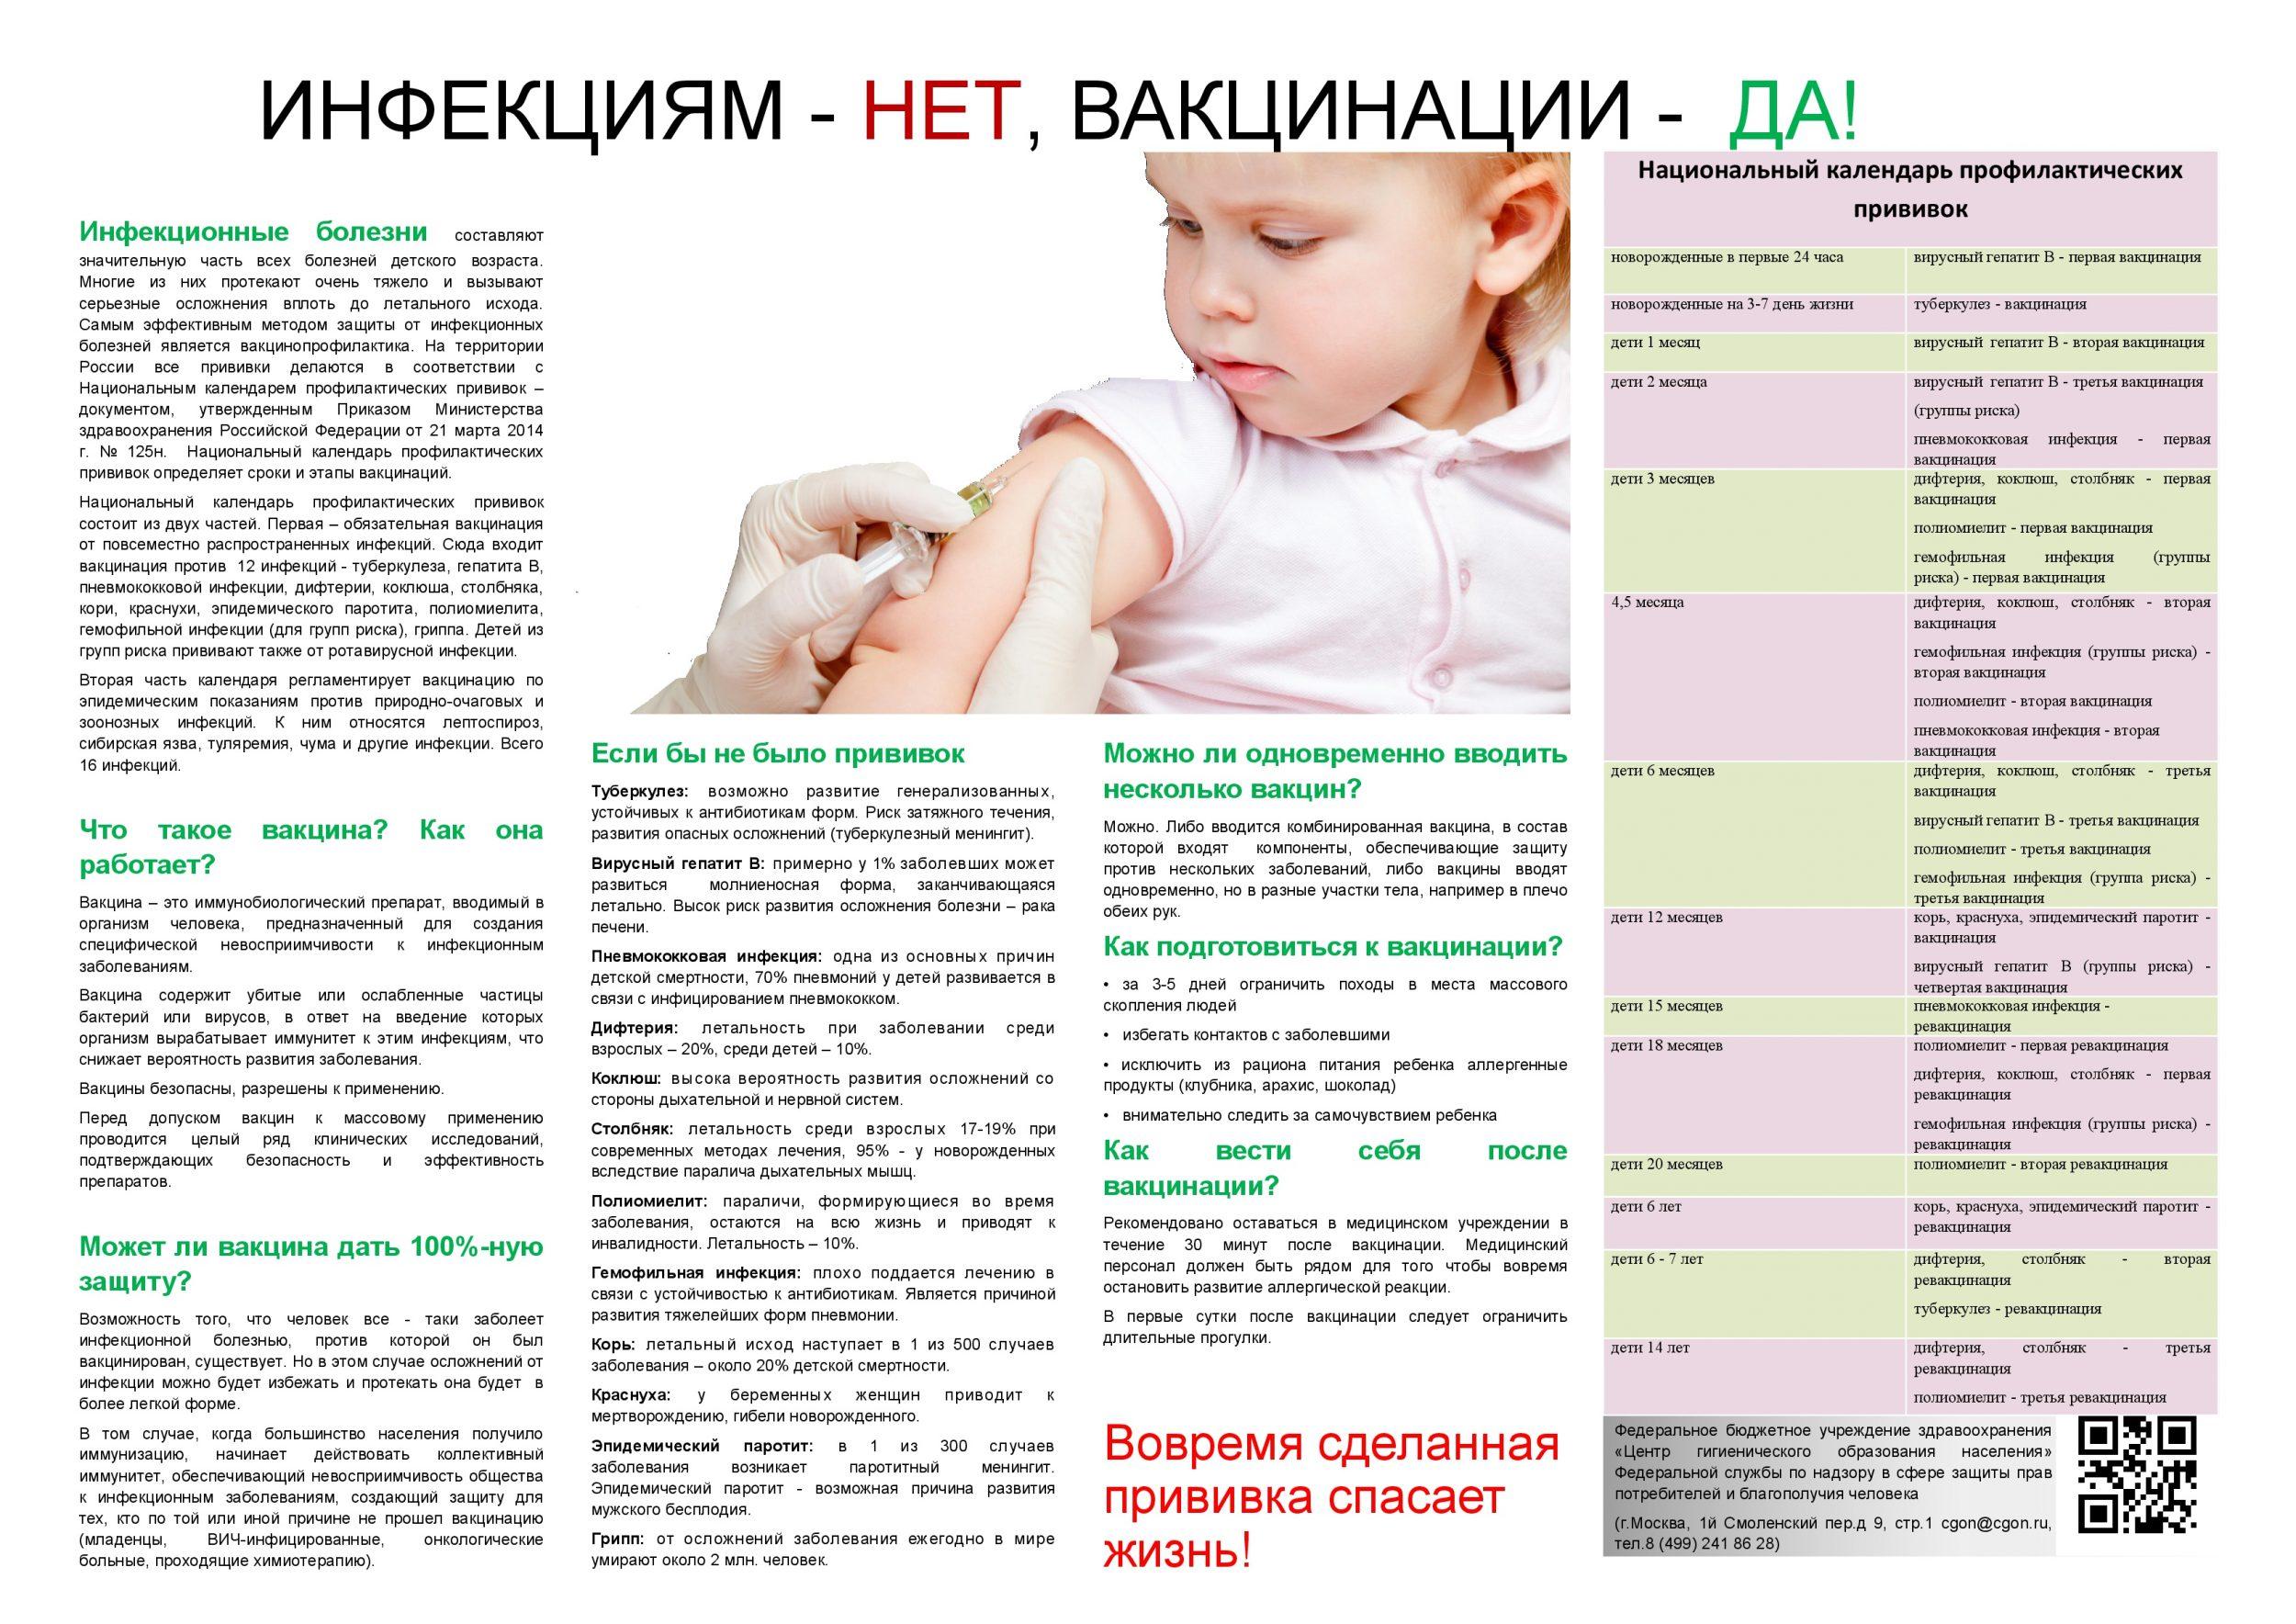 Что такое вакцинация